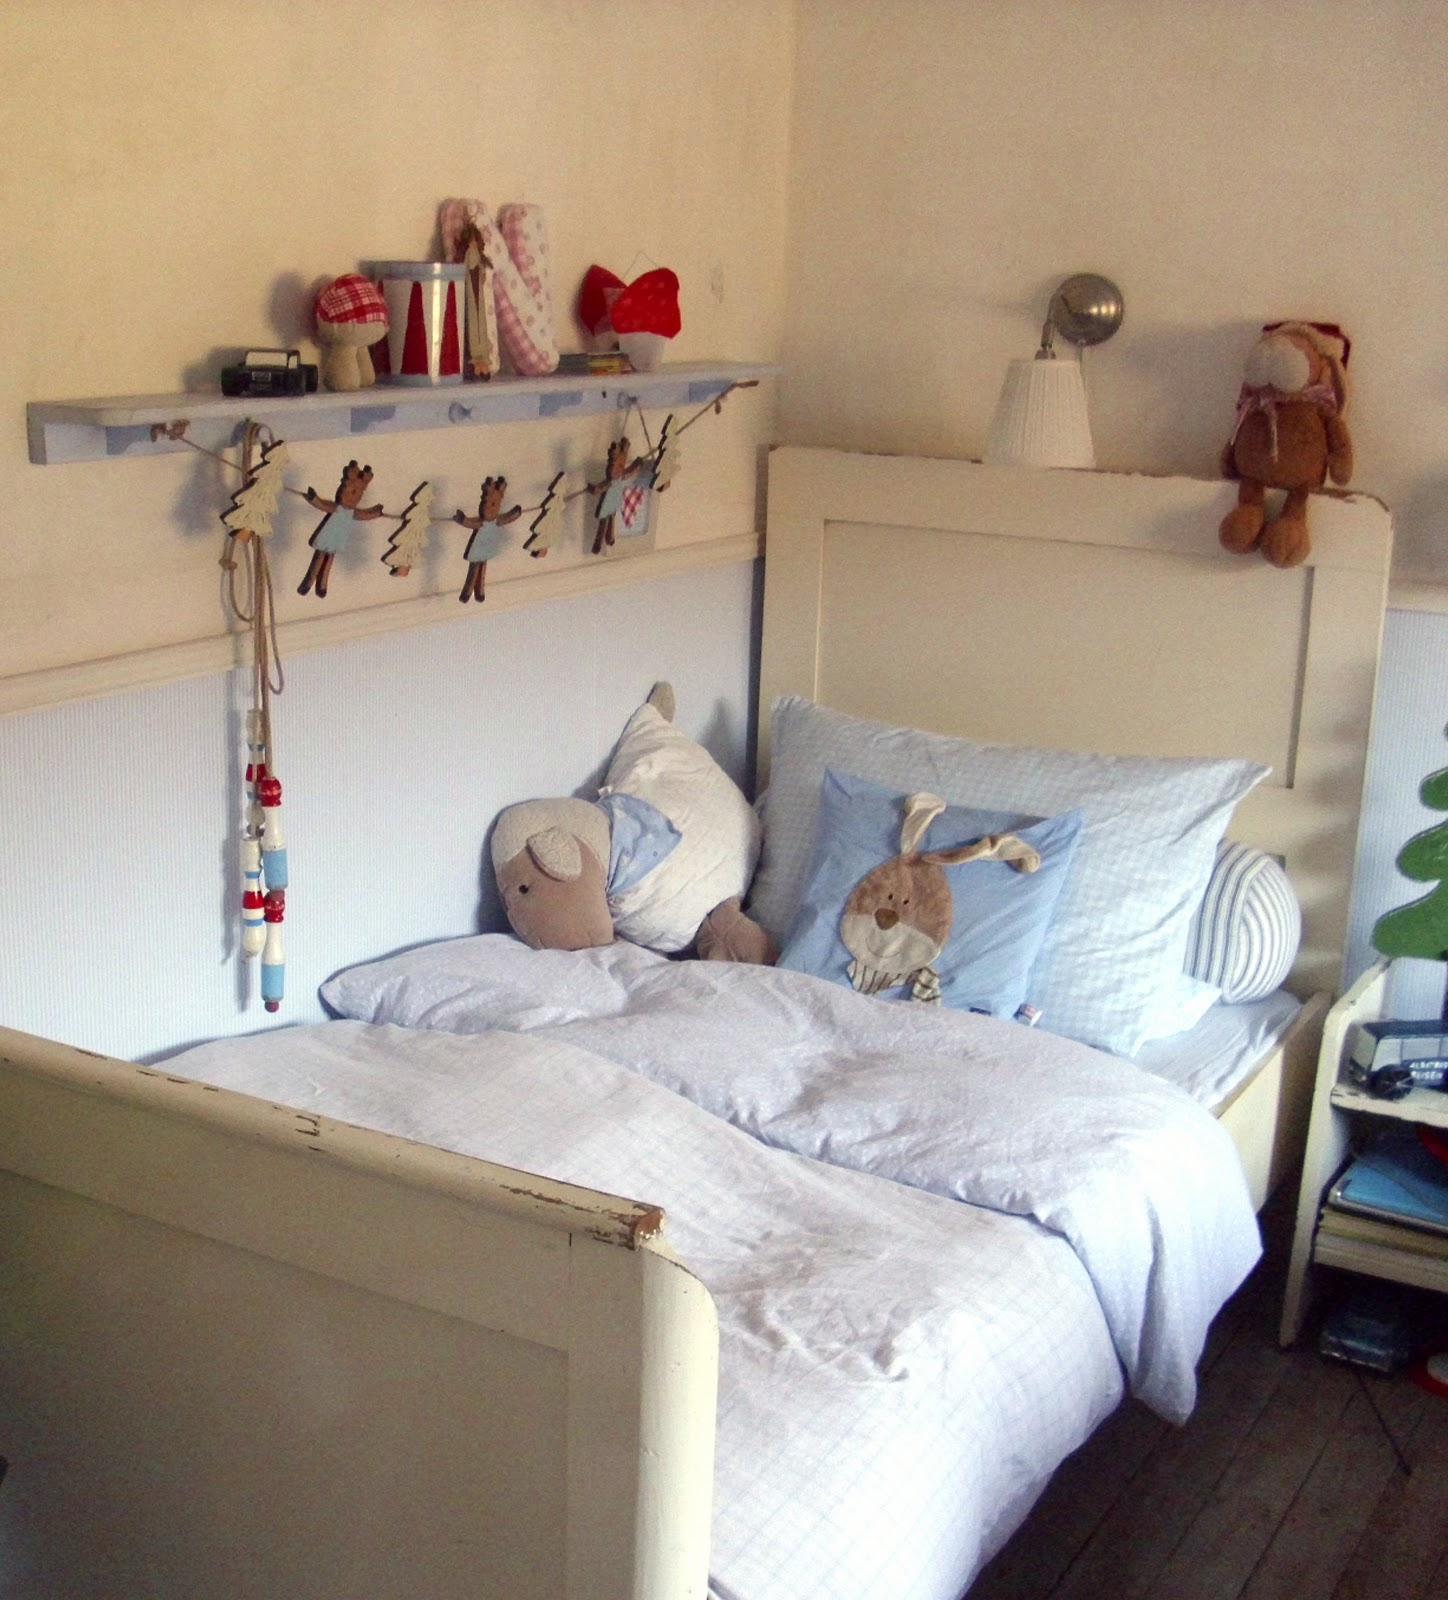 waldstrumpf ein neues bett. Black Bedroom Furniture Sets. Home Design Ideas